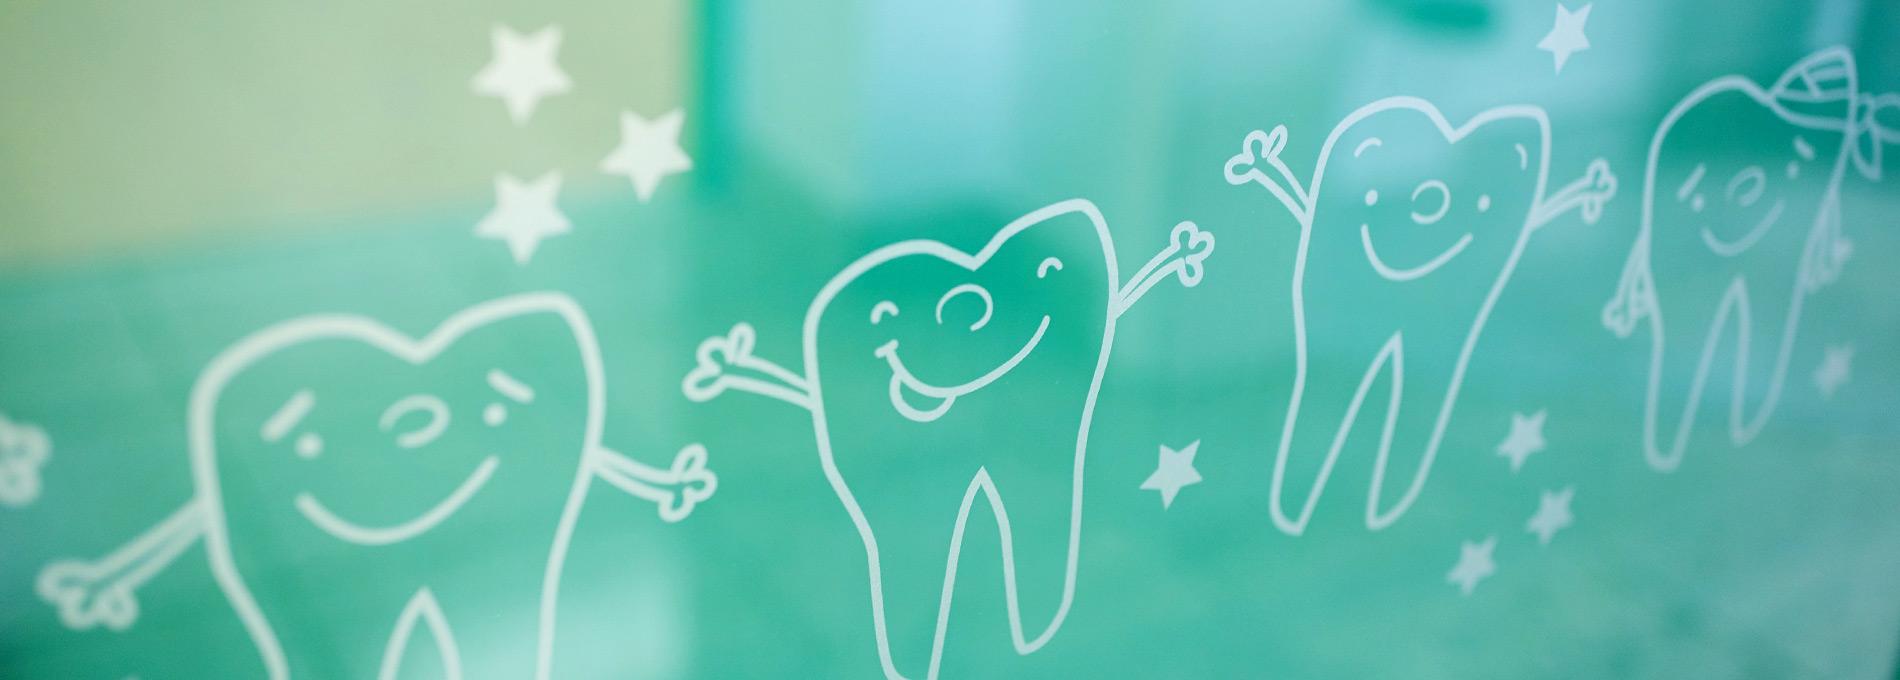 Zahnarztpraxis  Zahnrhein in Walluf - Zahnärztliche Schlafmedizin 2